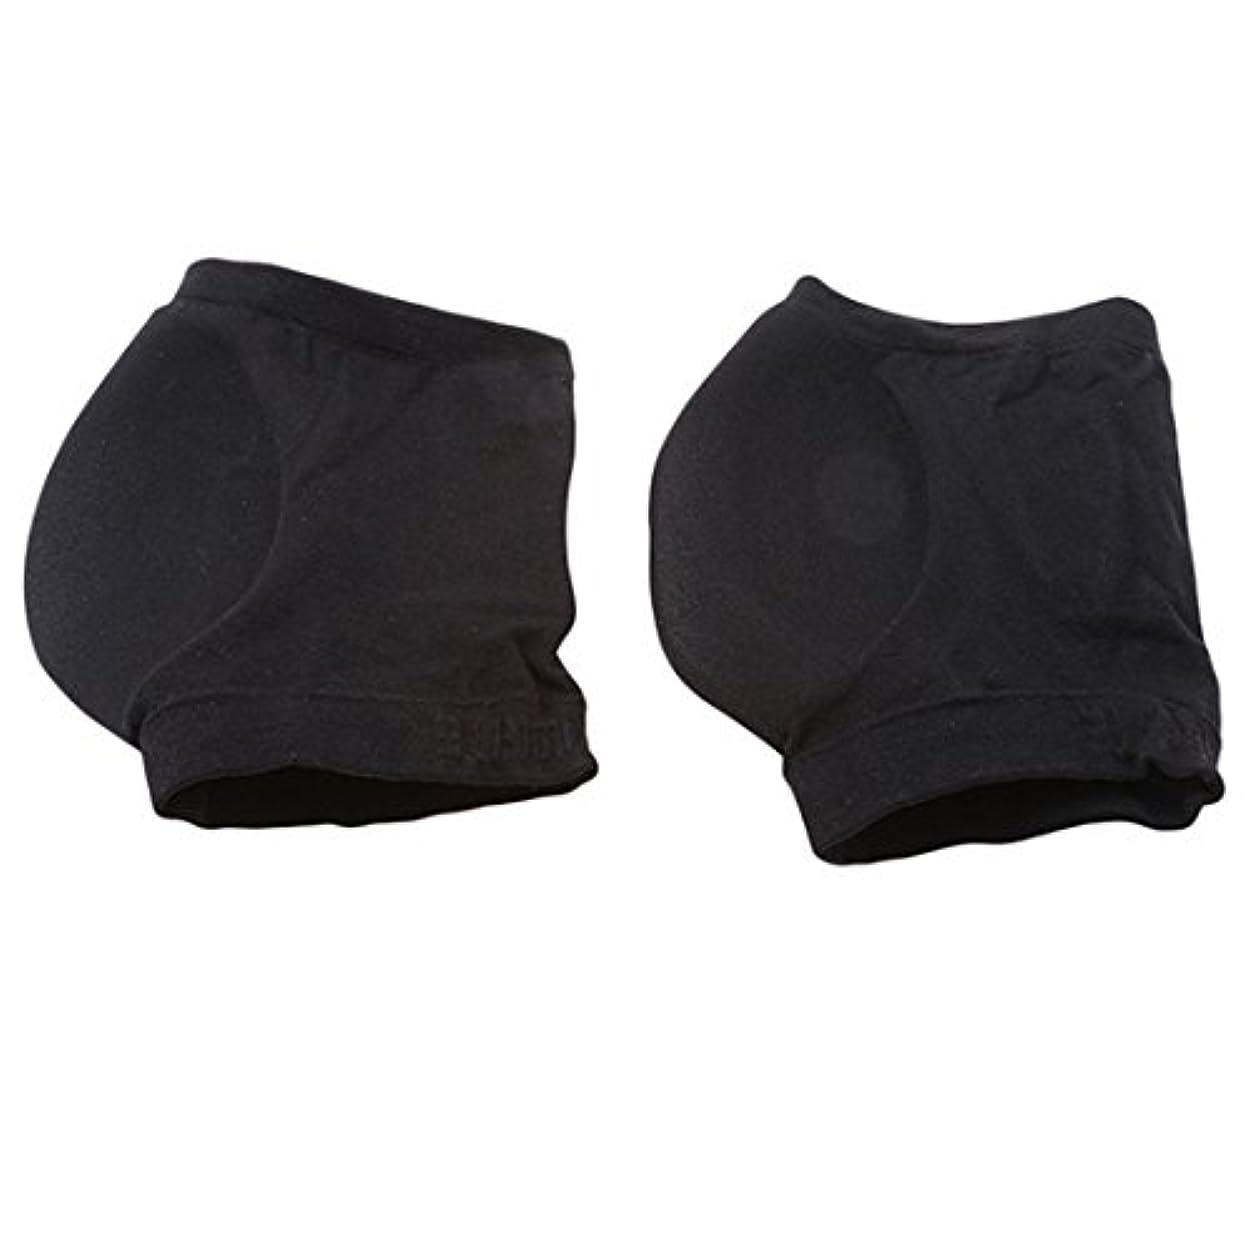 等価マイクロフォン汚染されたKLUMA 靴下 かかと ソックス 角質ケア うるおい 保湿 角質除去 足ケア レディース メンズ